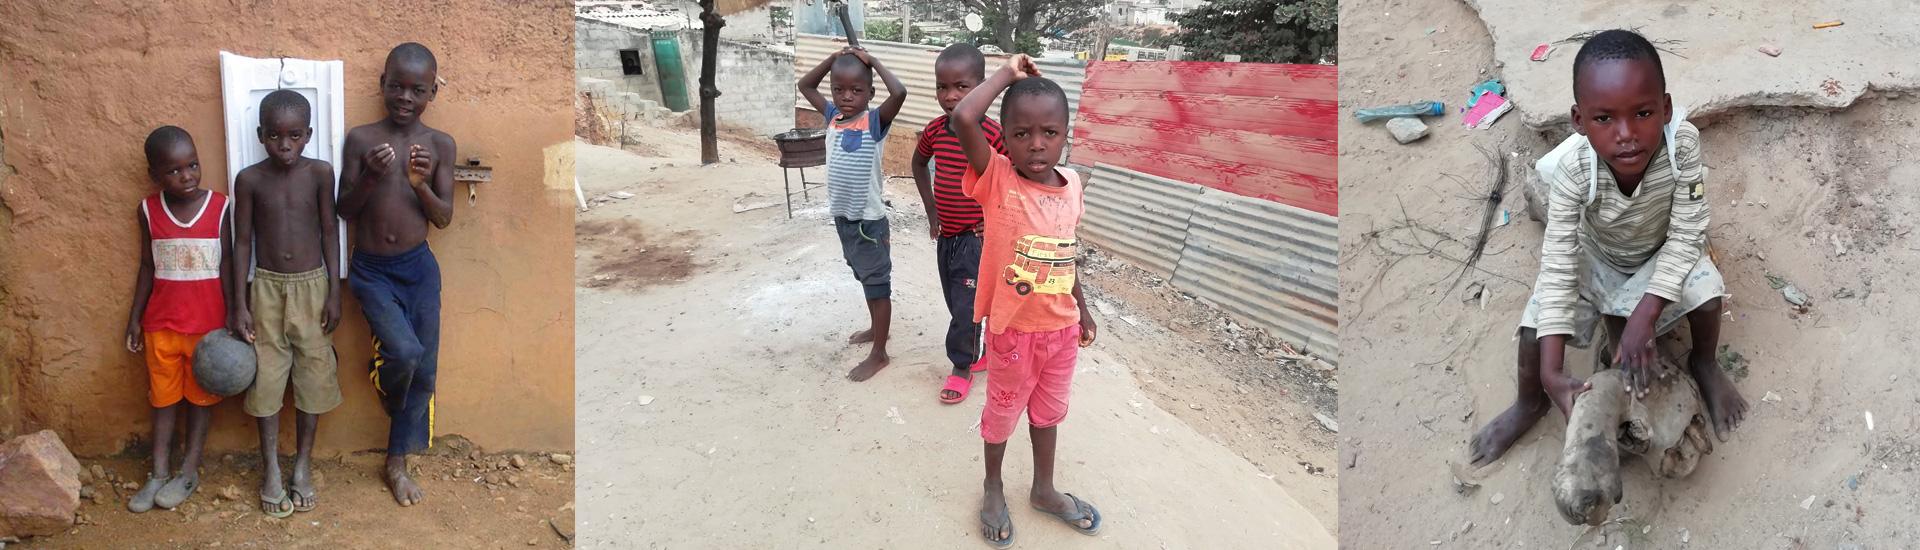 Nuevo centro de emergencia de la Red de Hogares Don Bosco en Angola para proteger a los menores que viven en la calle del coronavirus